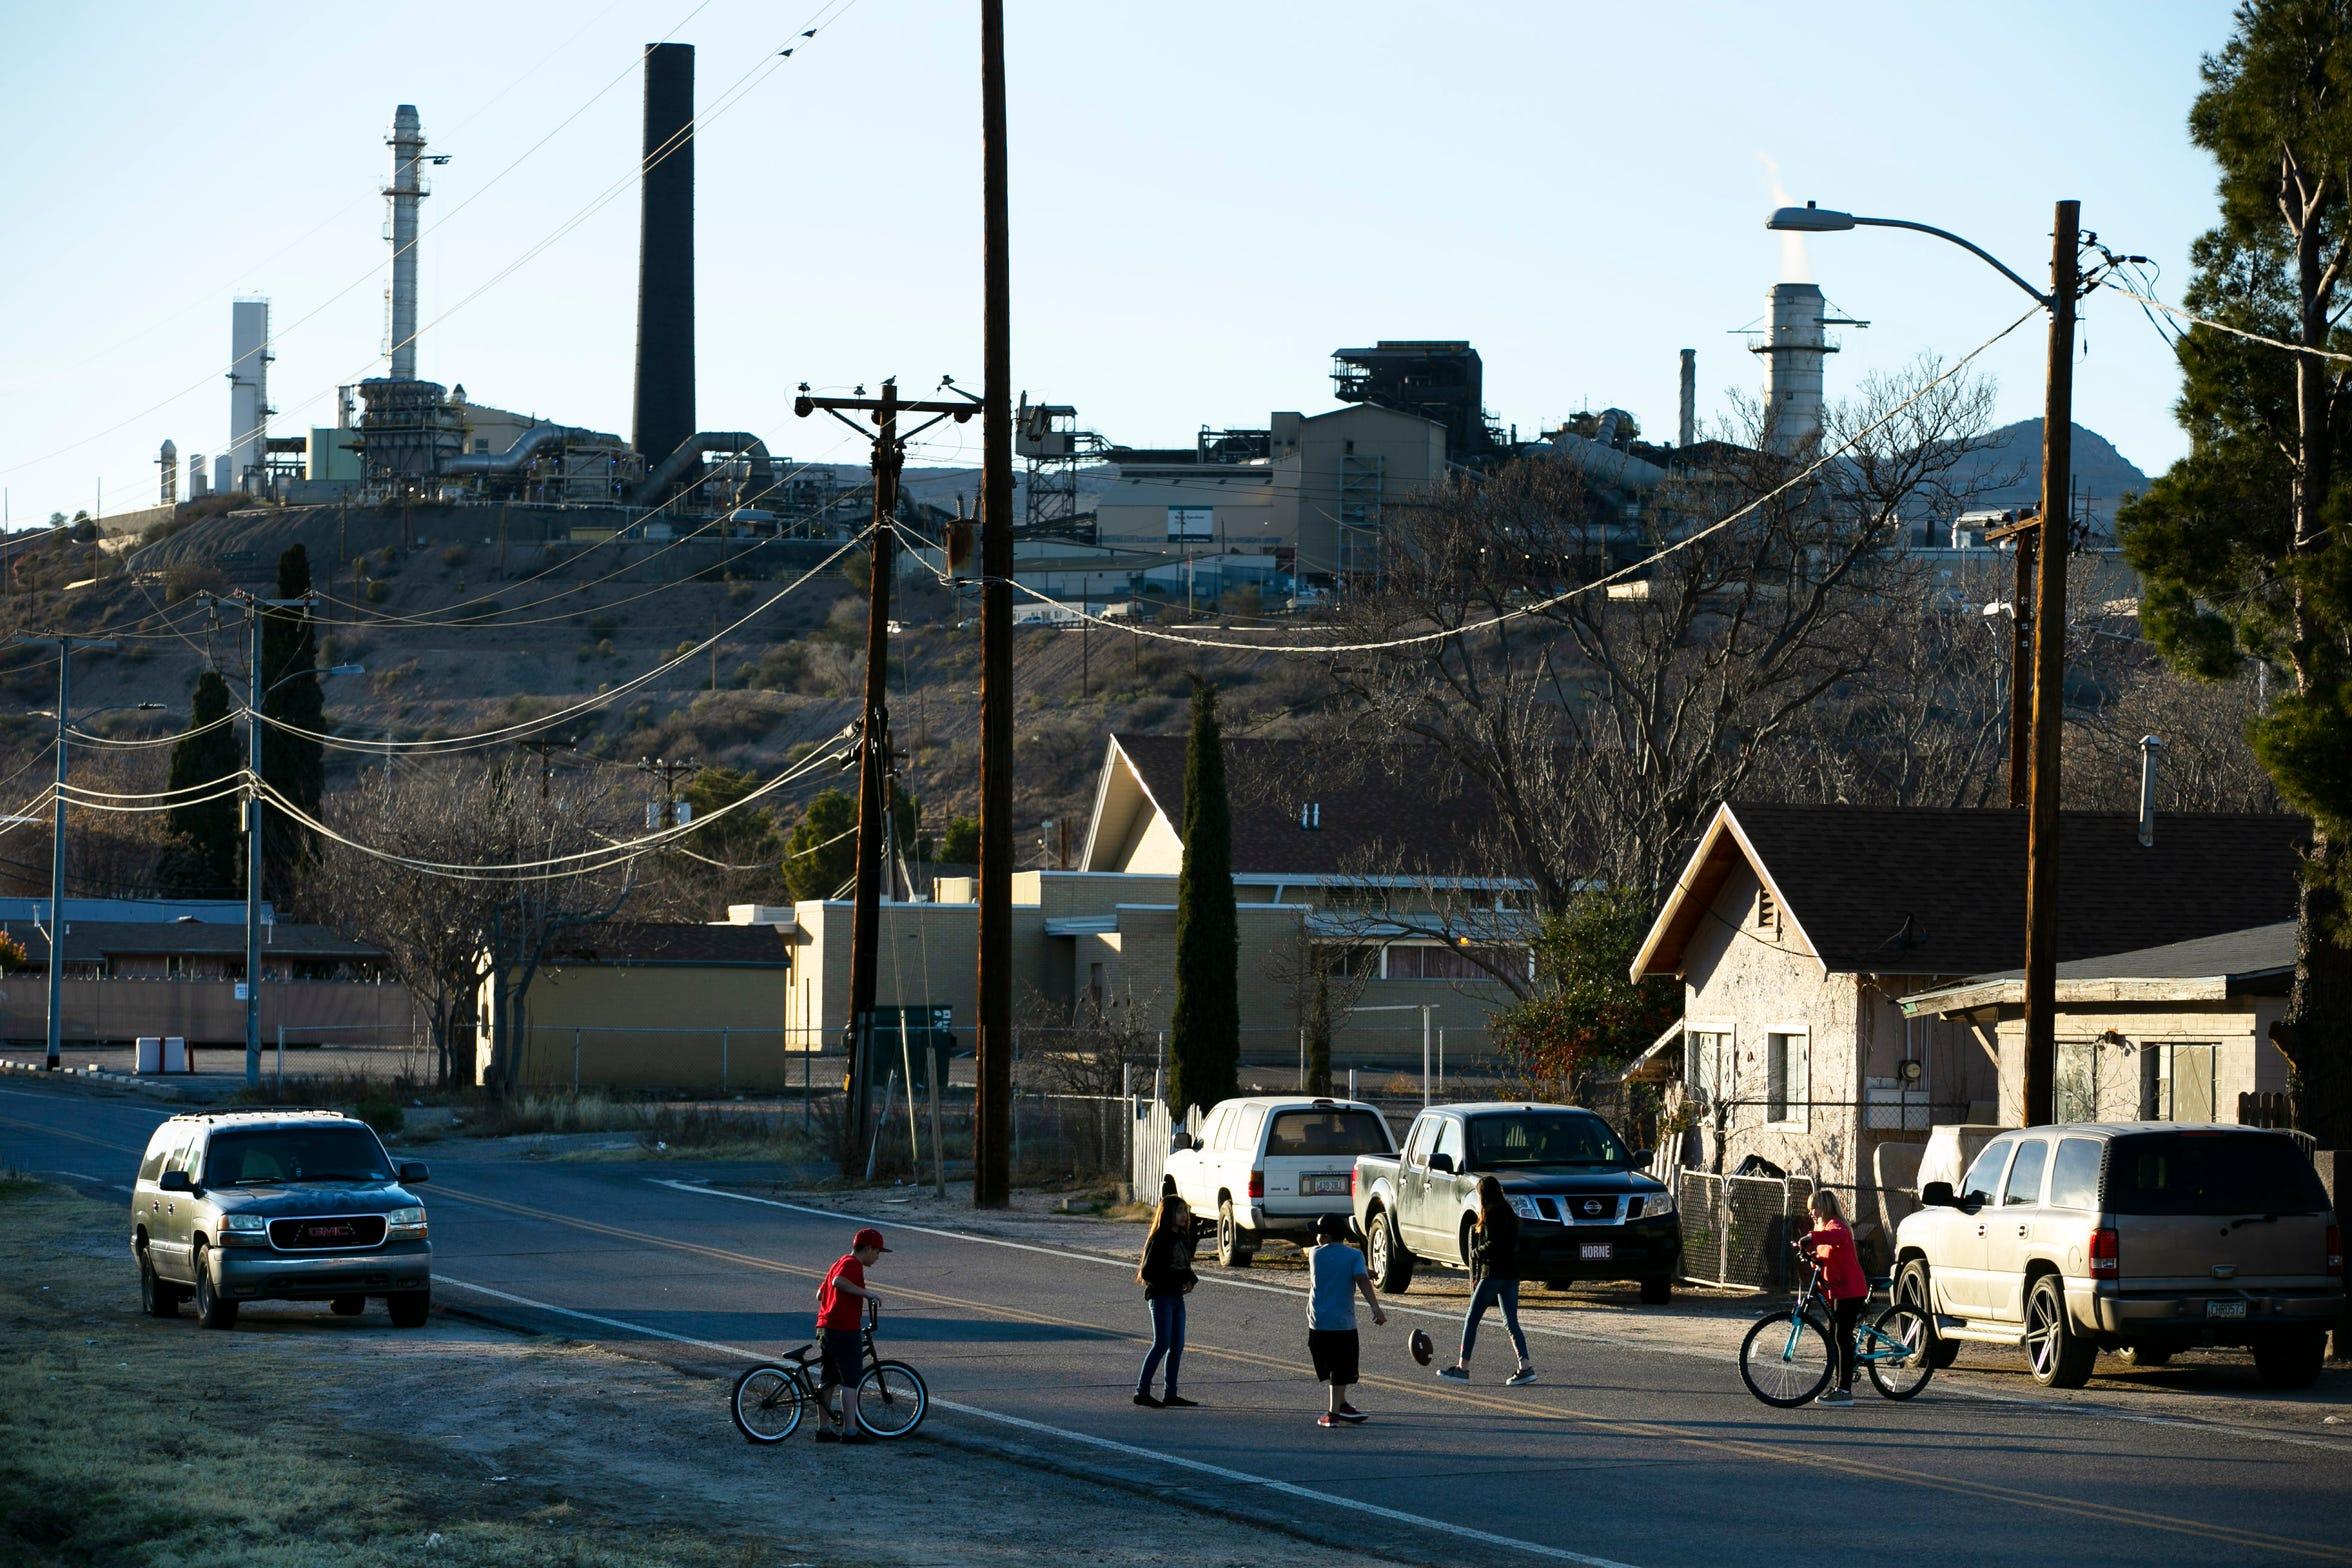 Un grupo de niños juega en la calle en Claypool, Arizona, frente a la mina Freeport-McMoran Copper & Gold donde Joe Campos trabajó.